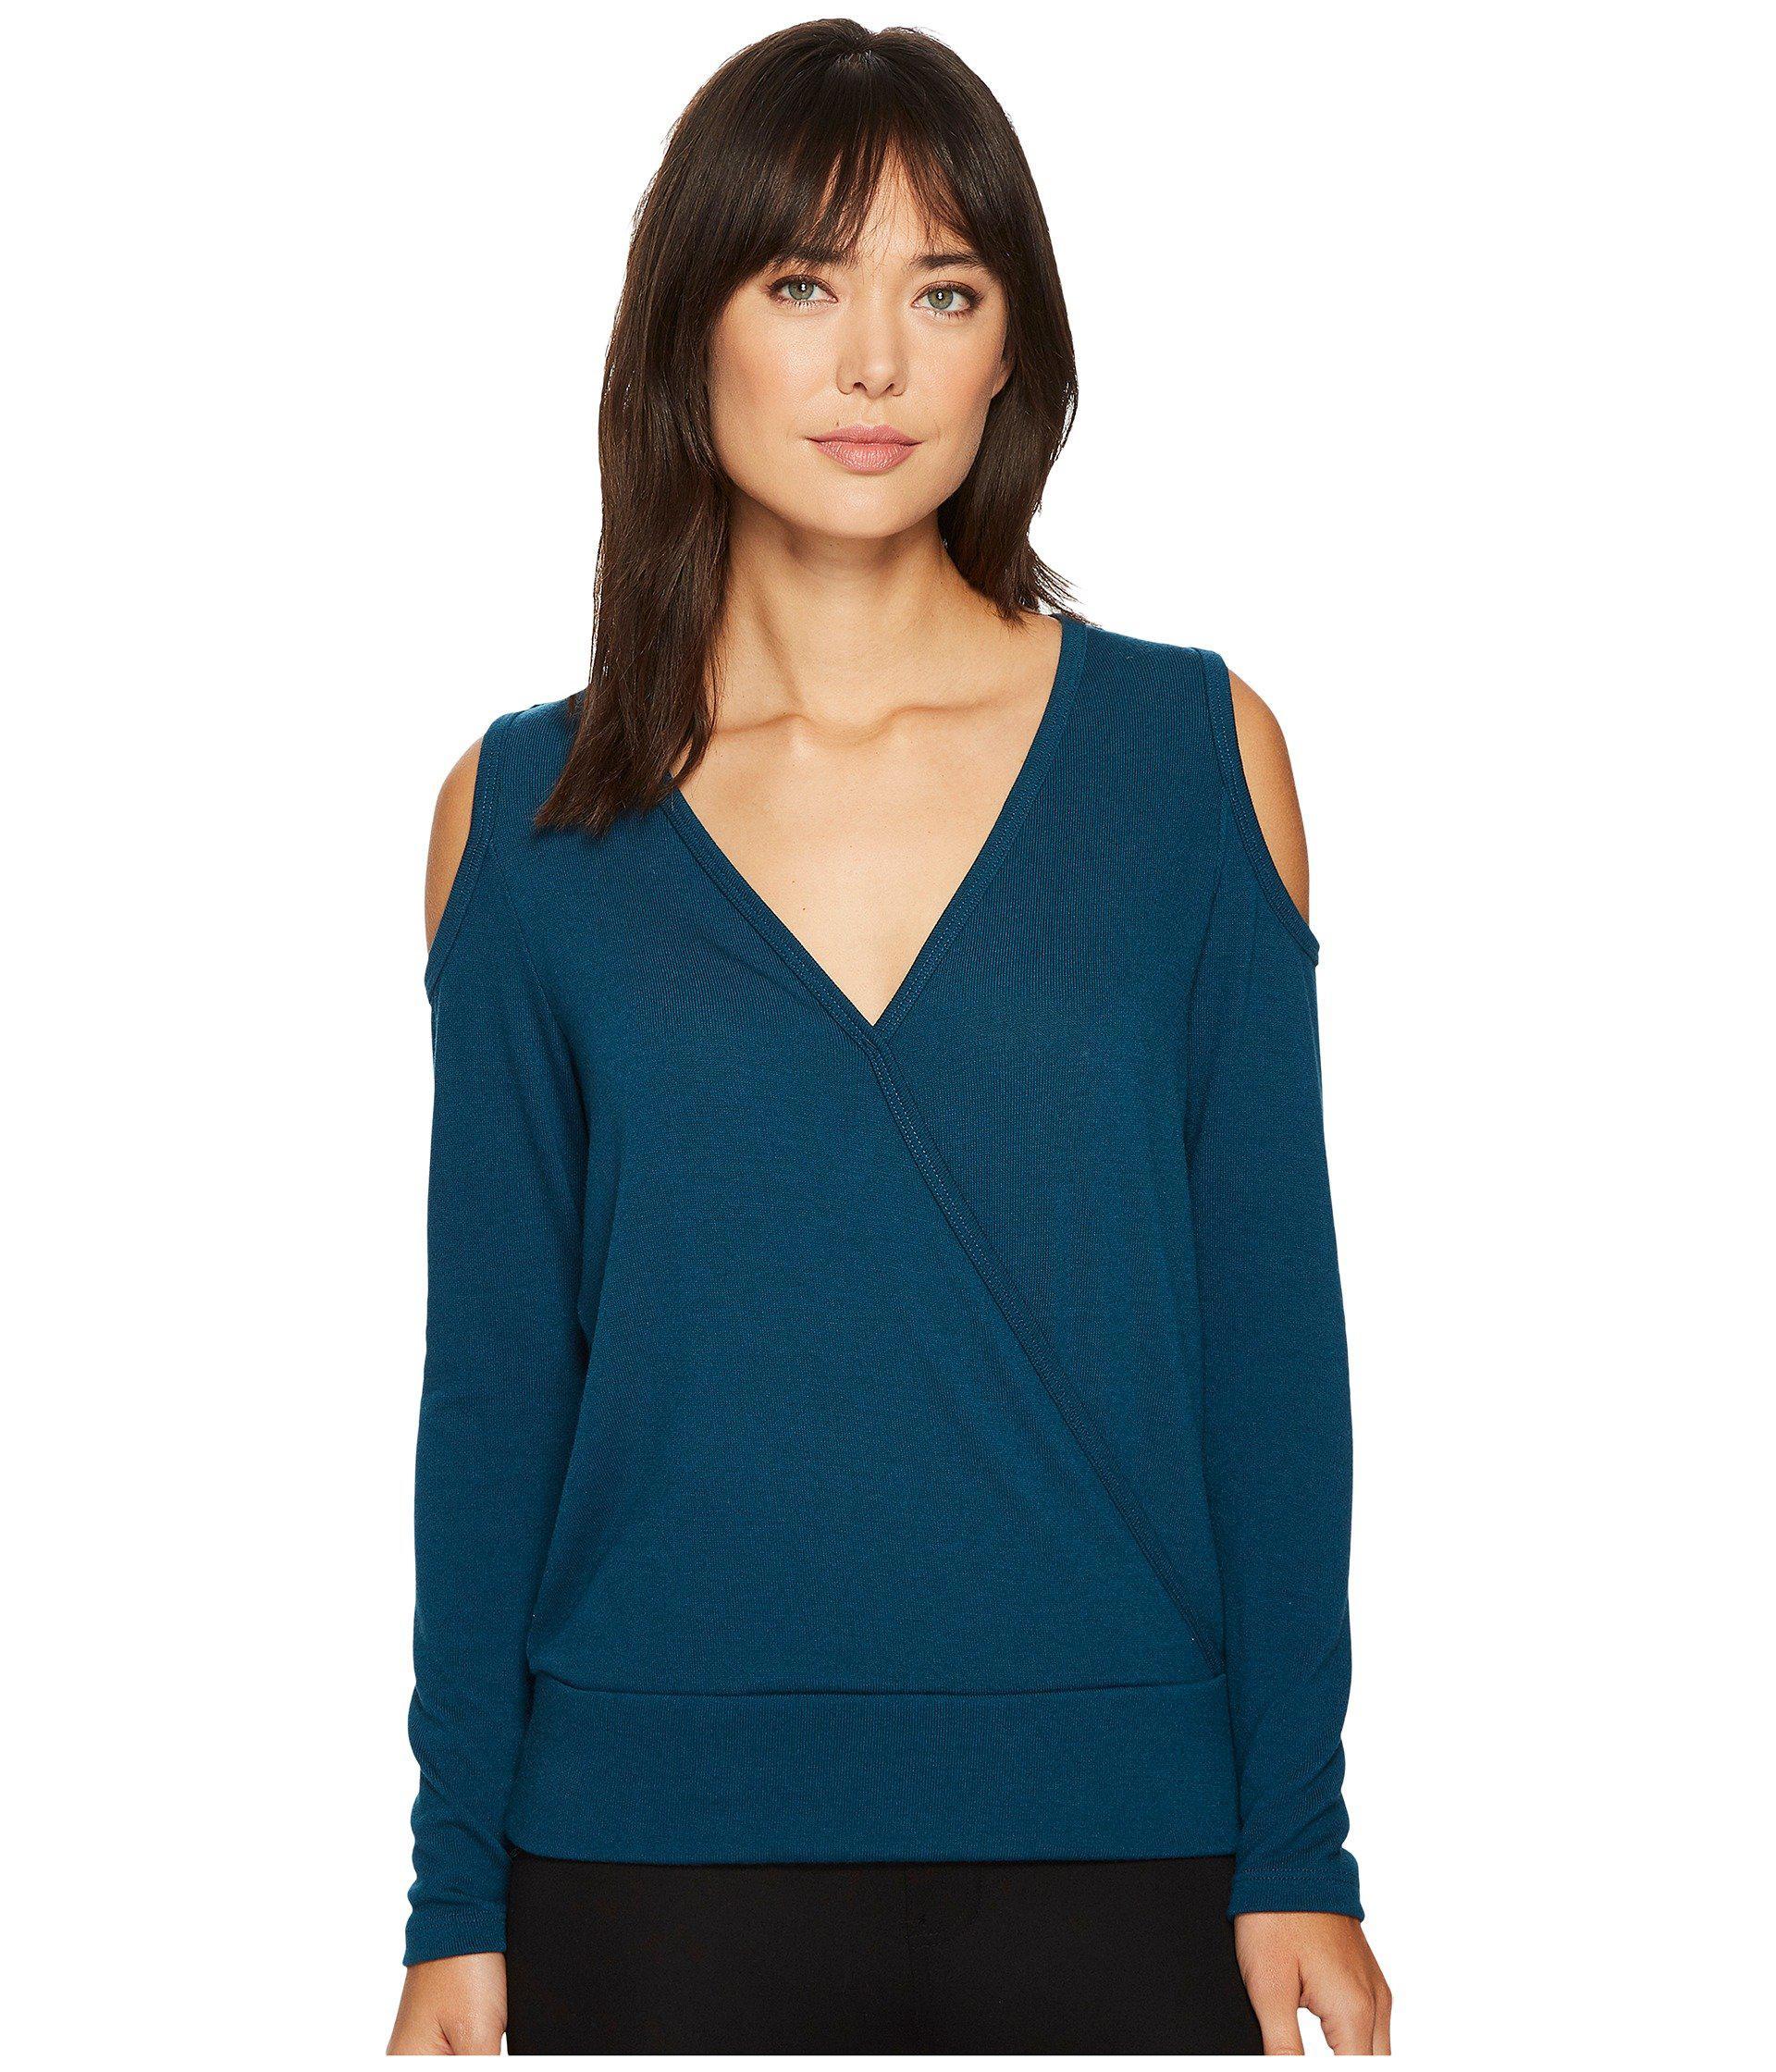 0674776e8f28d Lyst - Karen Kane Cold Shoulder Crossover Top in Blue - Save 63%